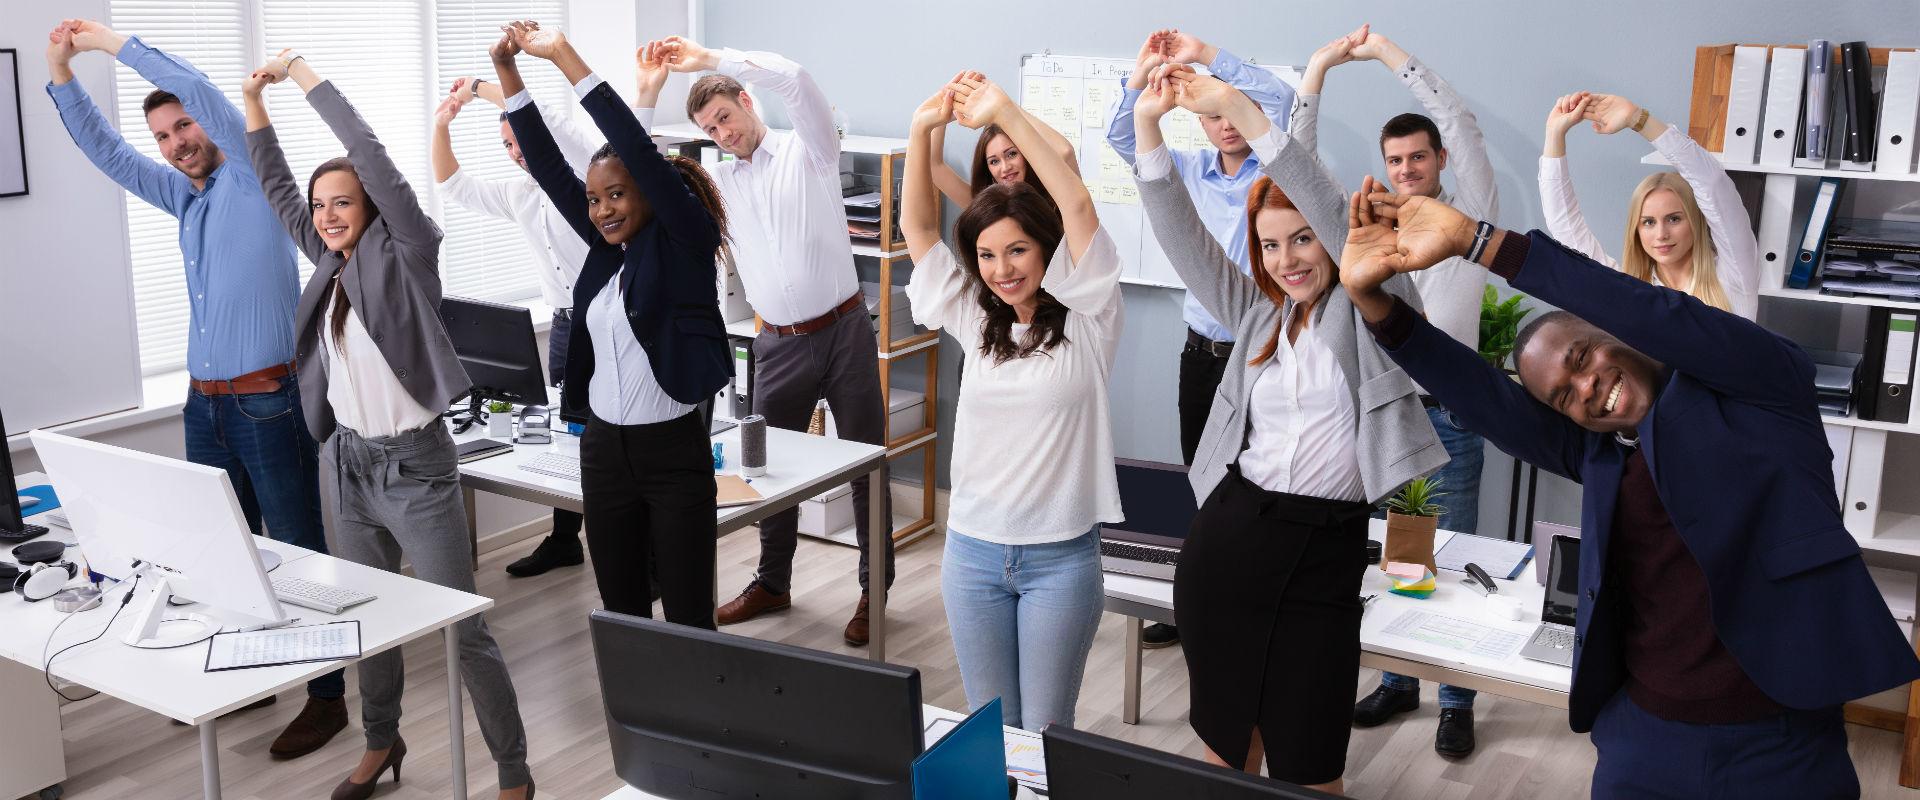 Inspiration till friskvård med Gå Svårt på kontoret